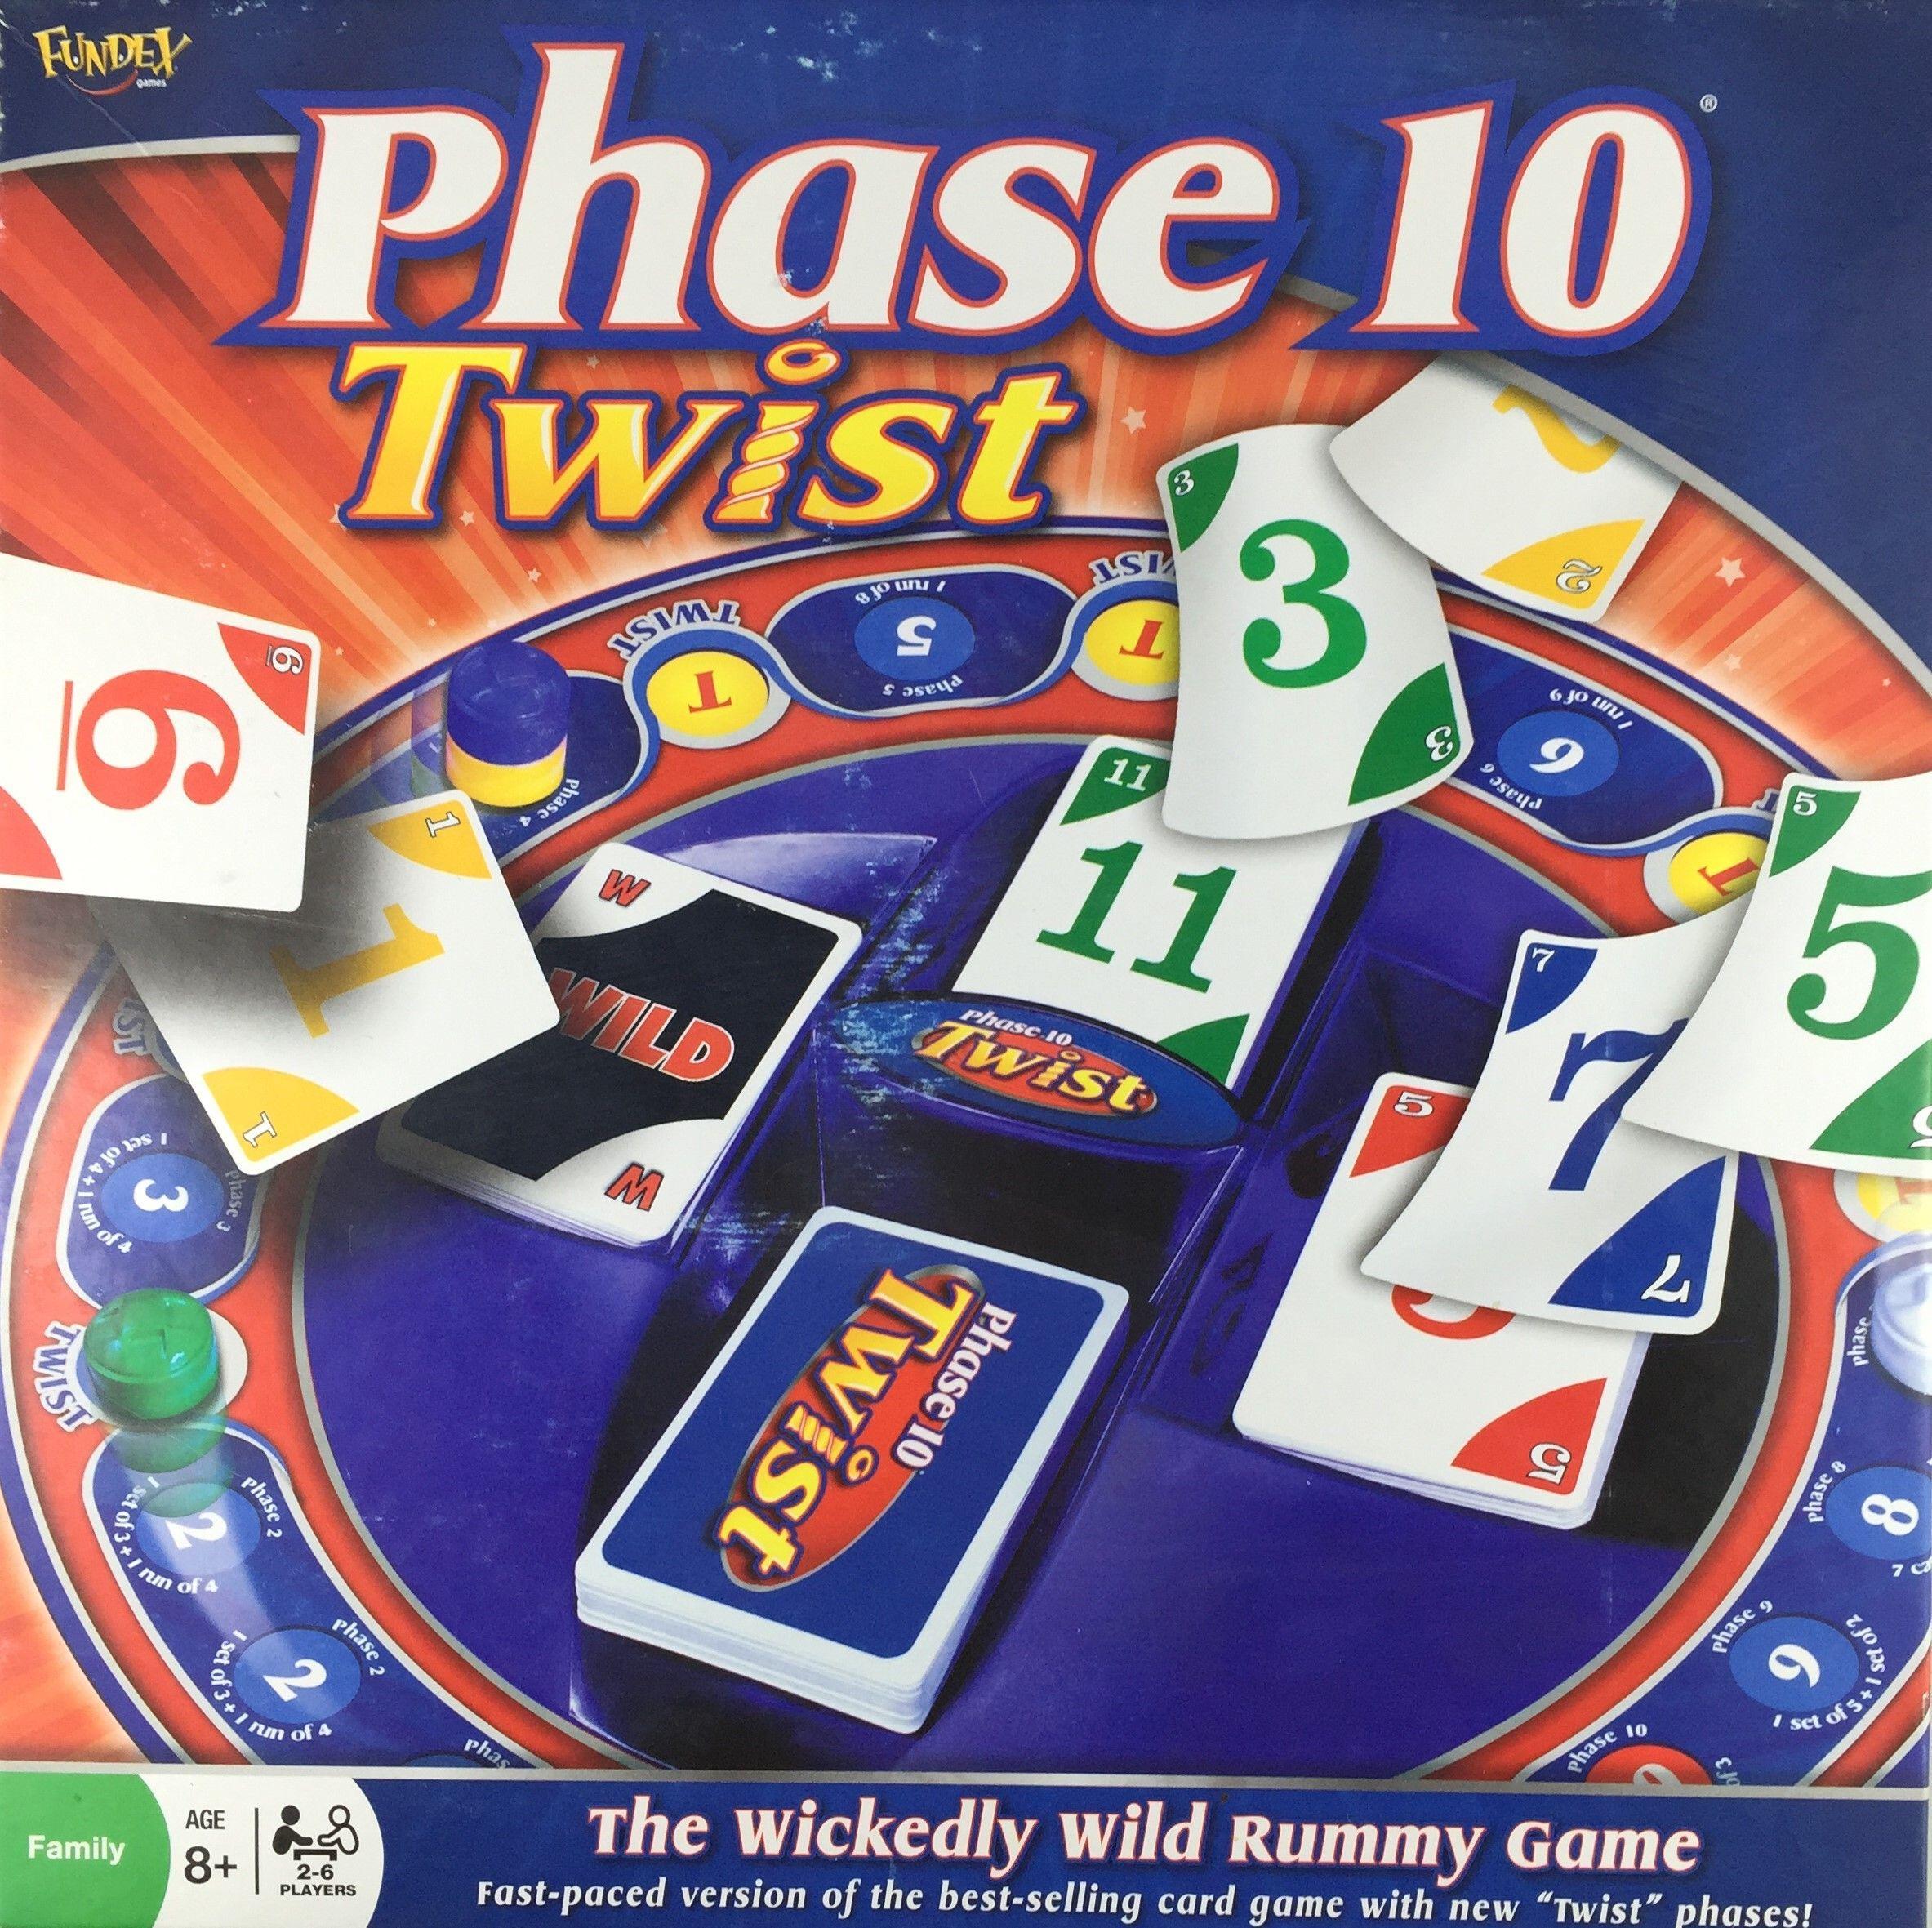 Phase 10 Twist